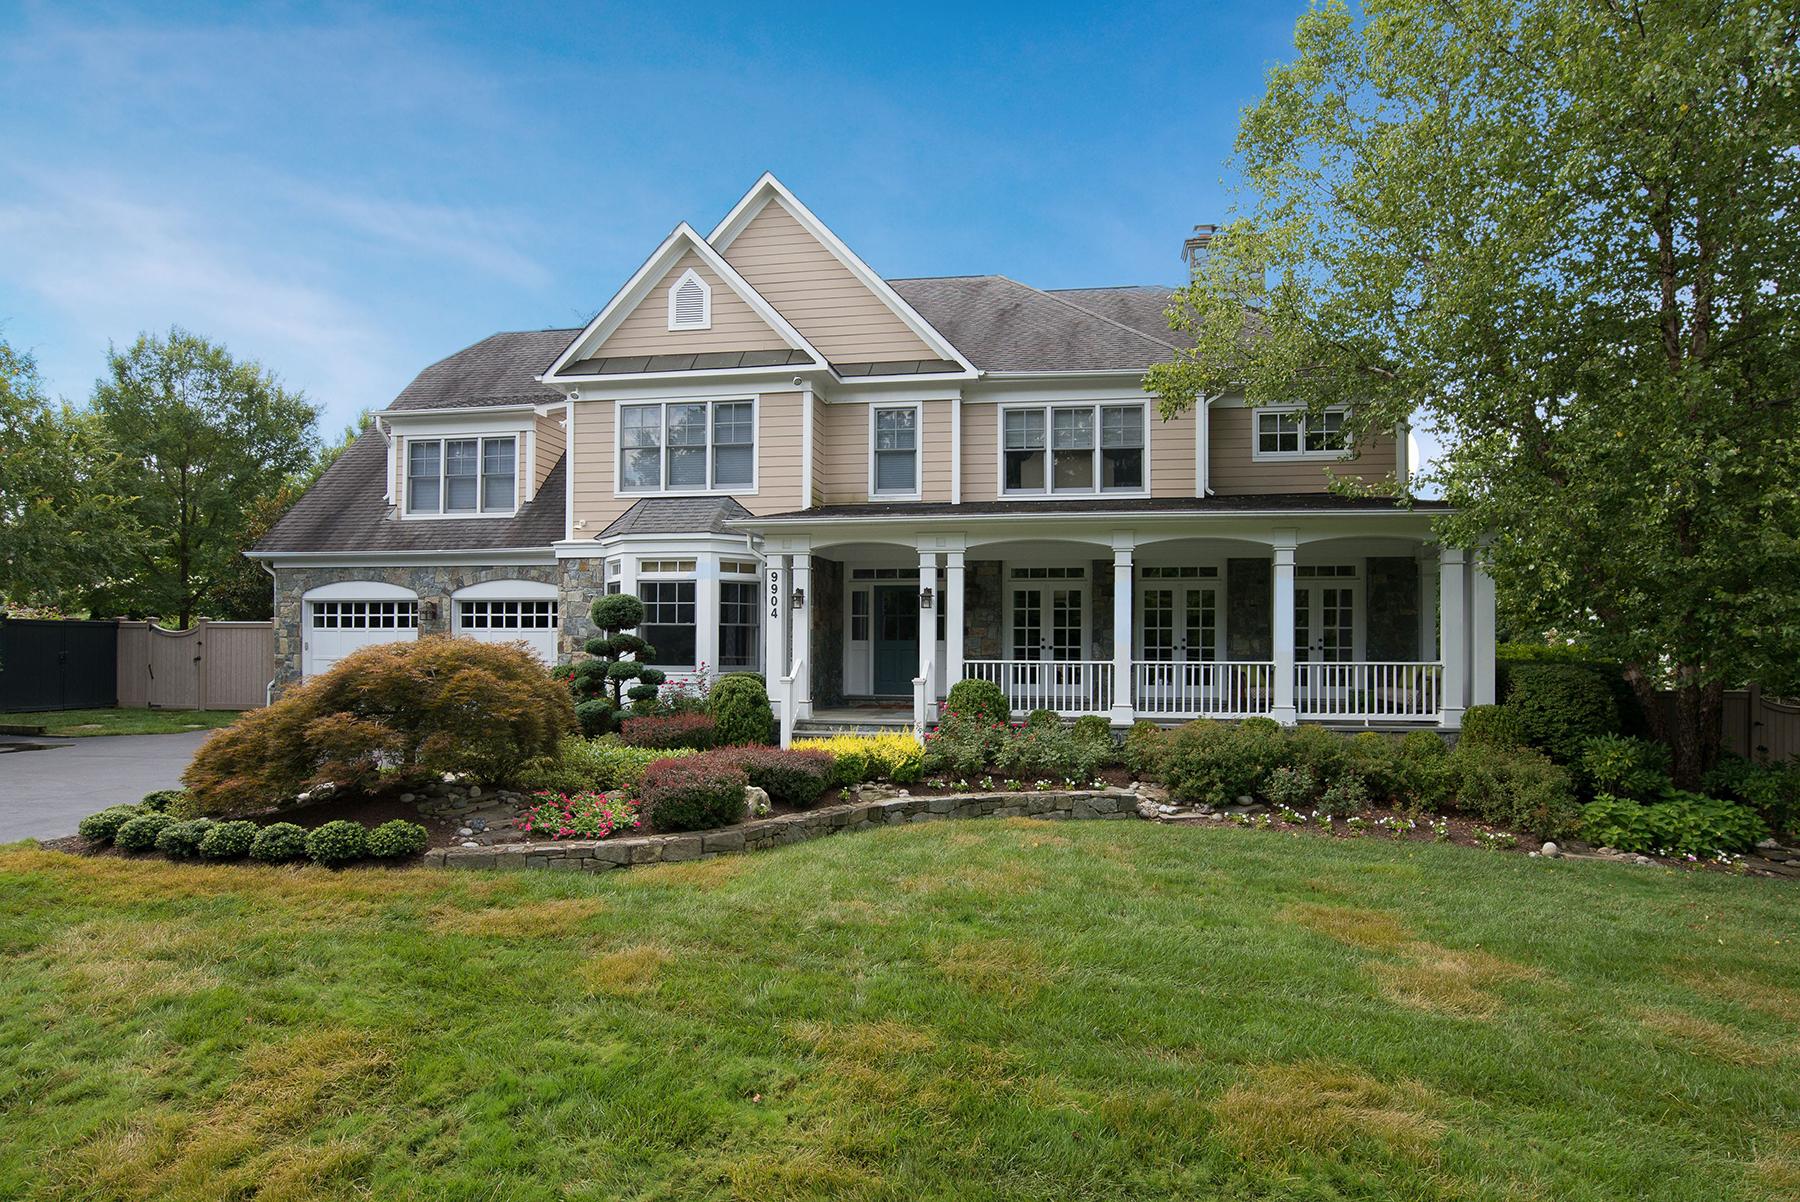 Casa Unifamiliar por un Venta en 9904 Woodford Road, Potomac 9904 Woodford Rd Potomac, Maryland, 20854 Estados Unidos